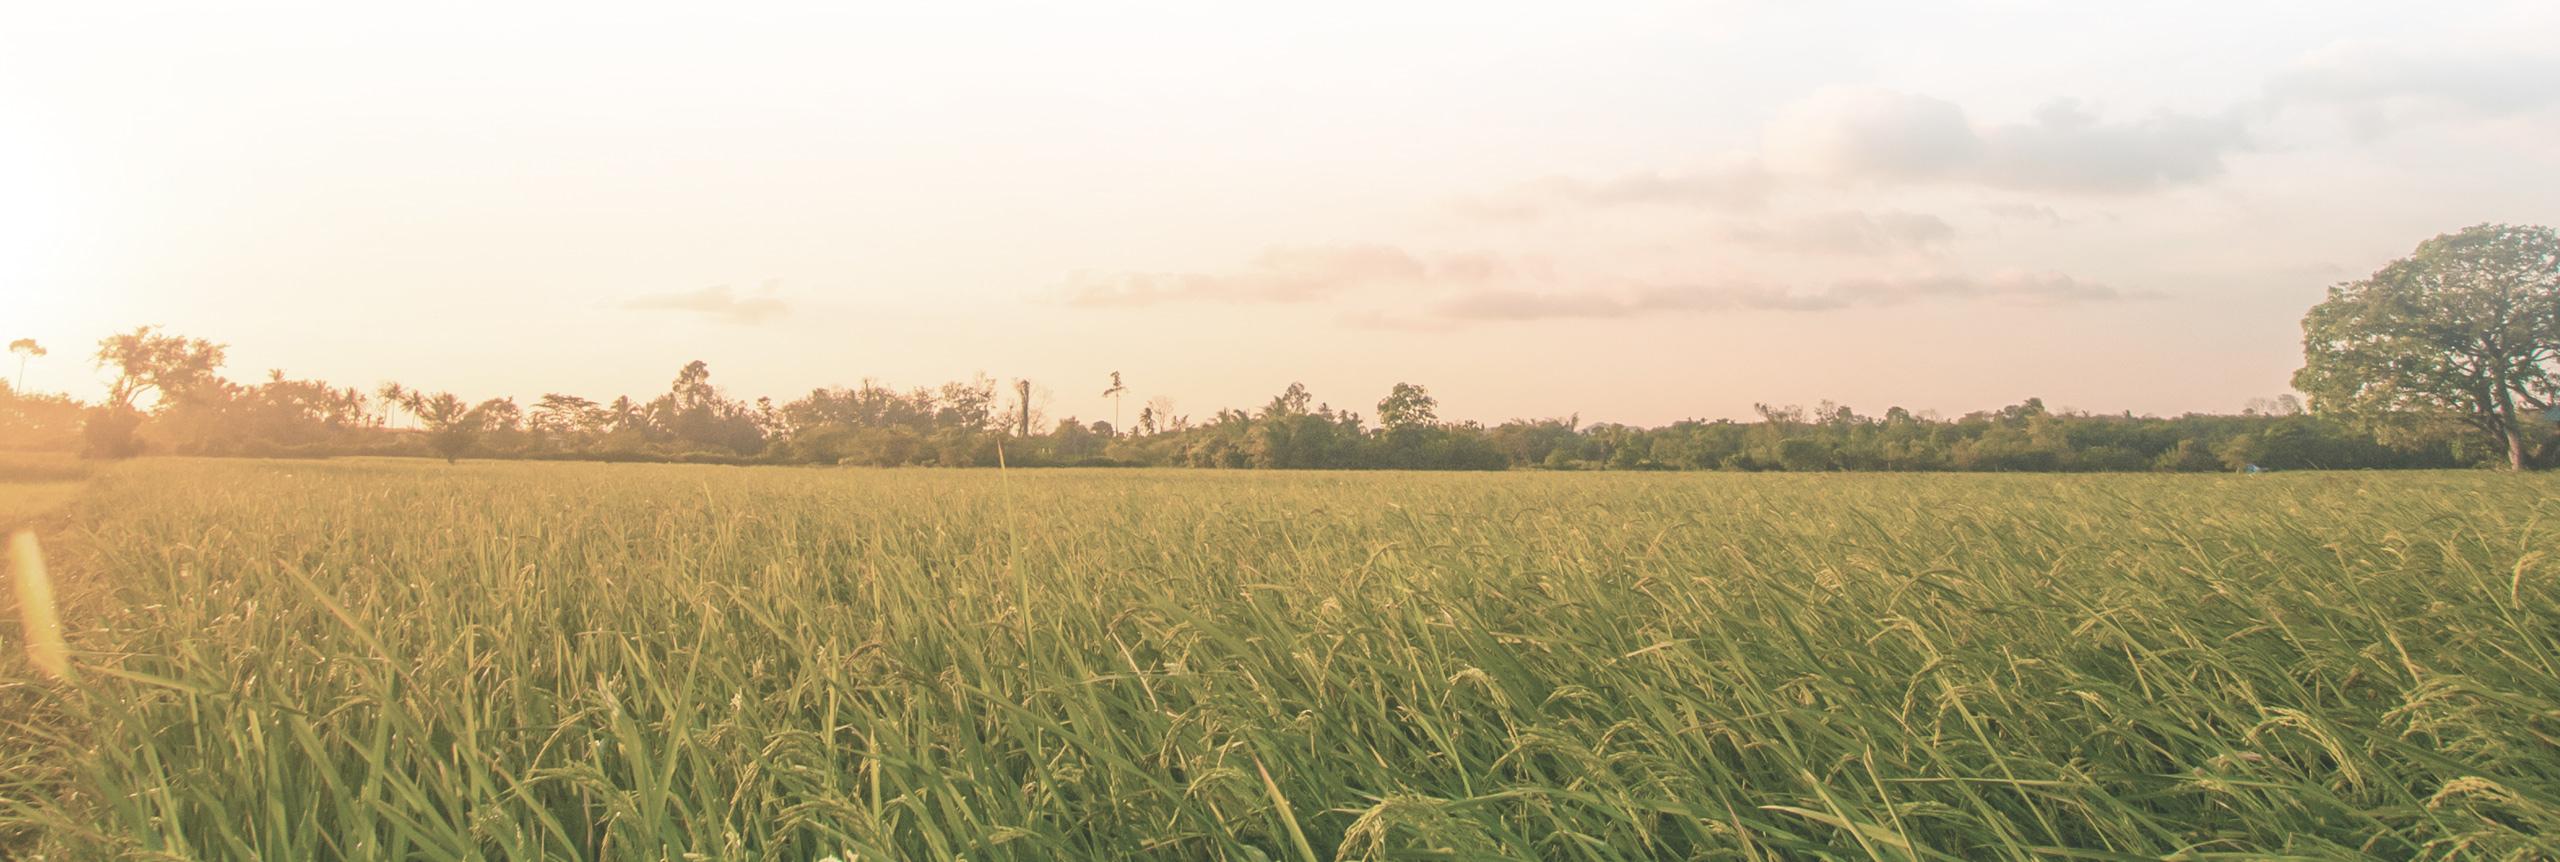 produzione riso riseria vendita ingrosso